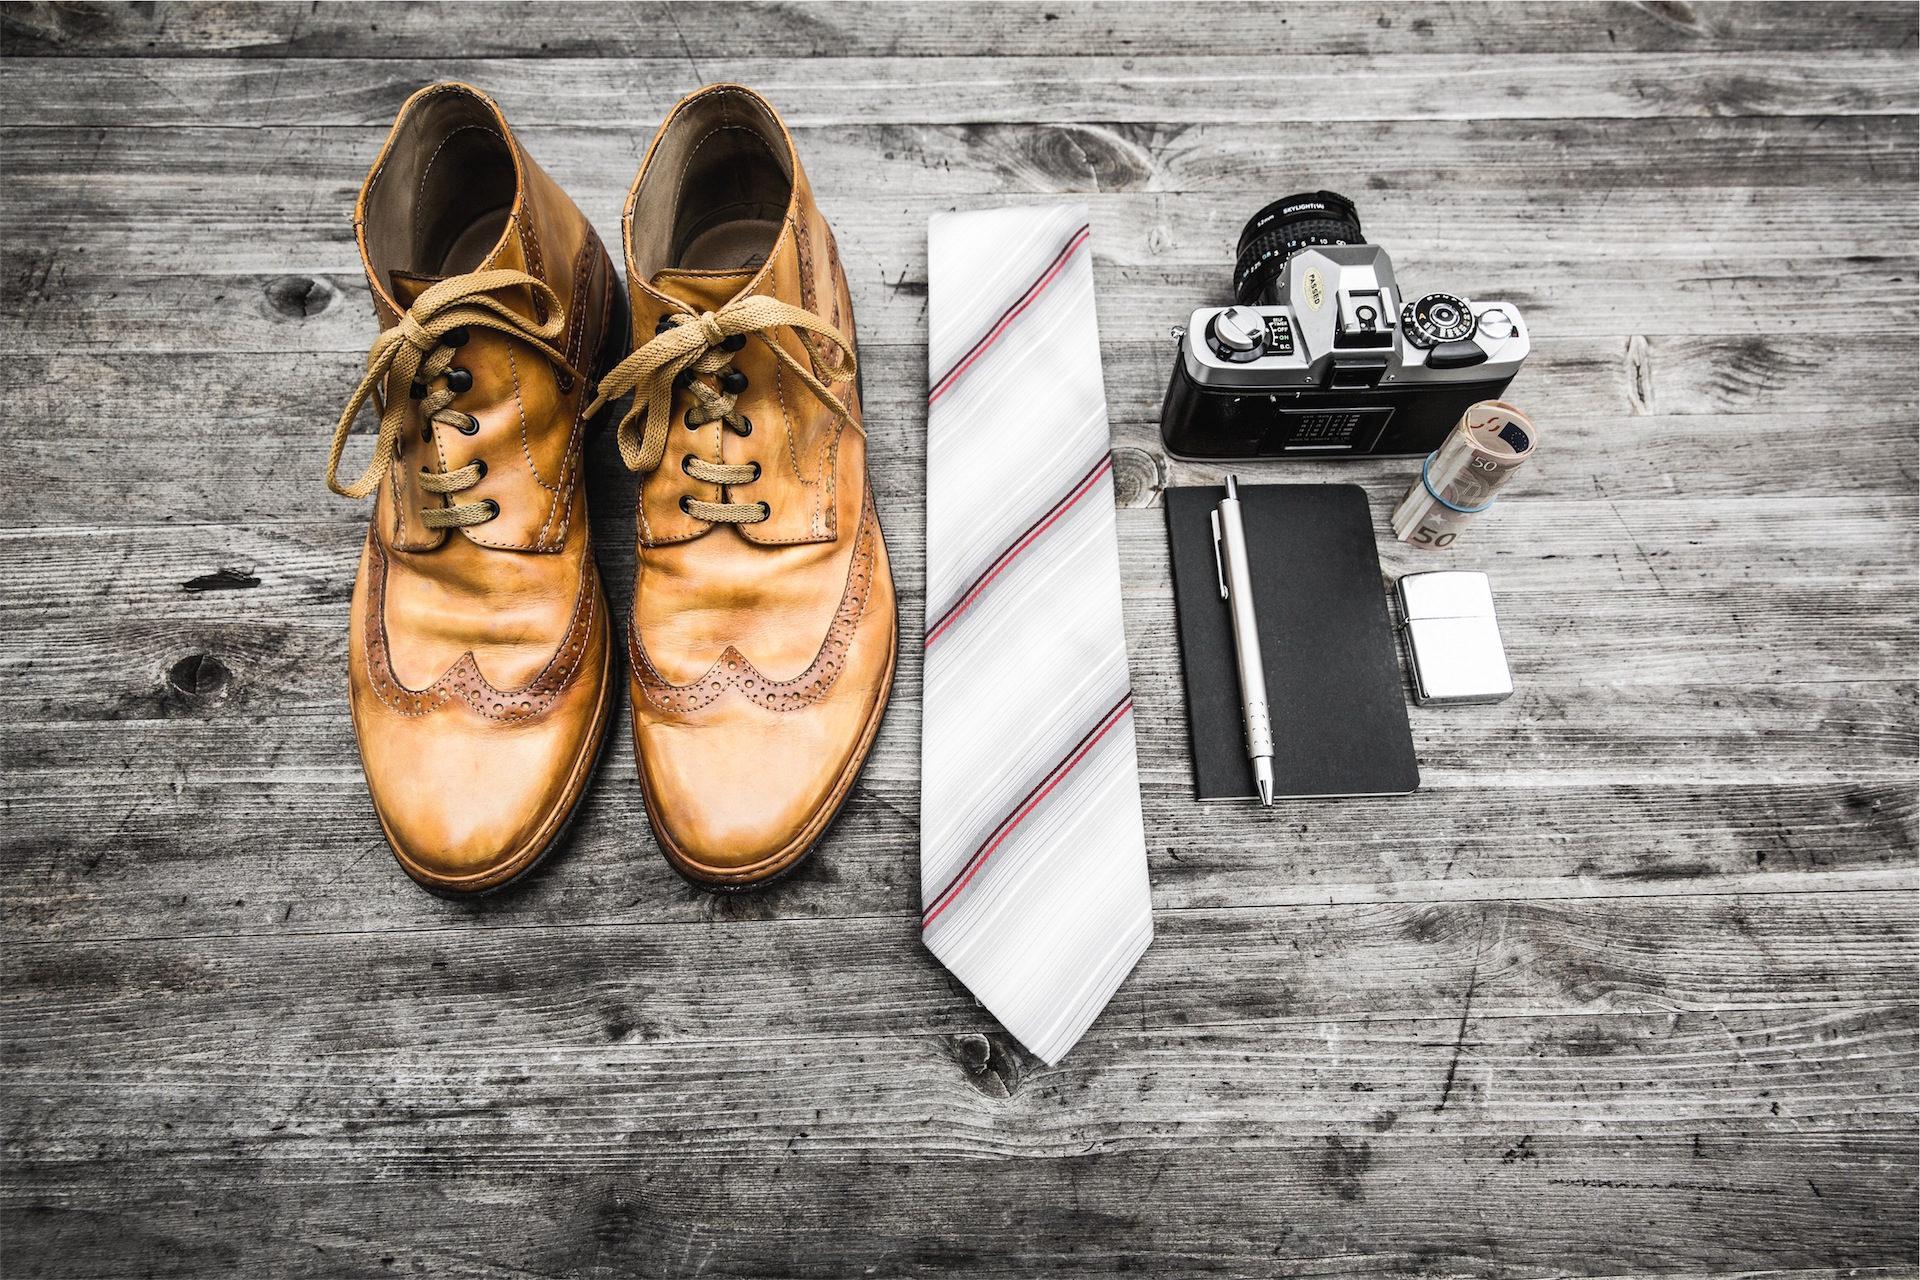 μπότες, Ημερήσια διάταξη, γραβάτα, φωτογραφική μηχανή, ξύλο - Wallpapers HD - Professor-falken.com